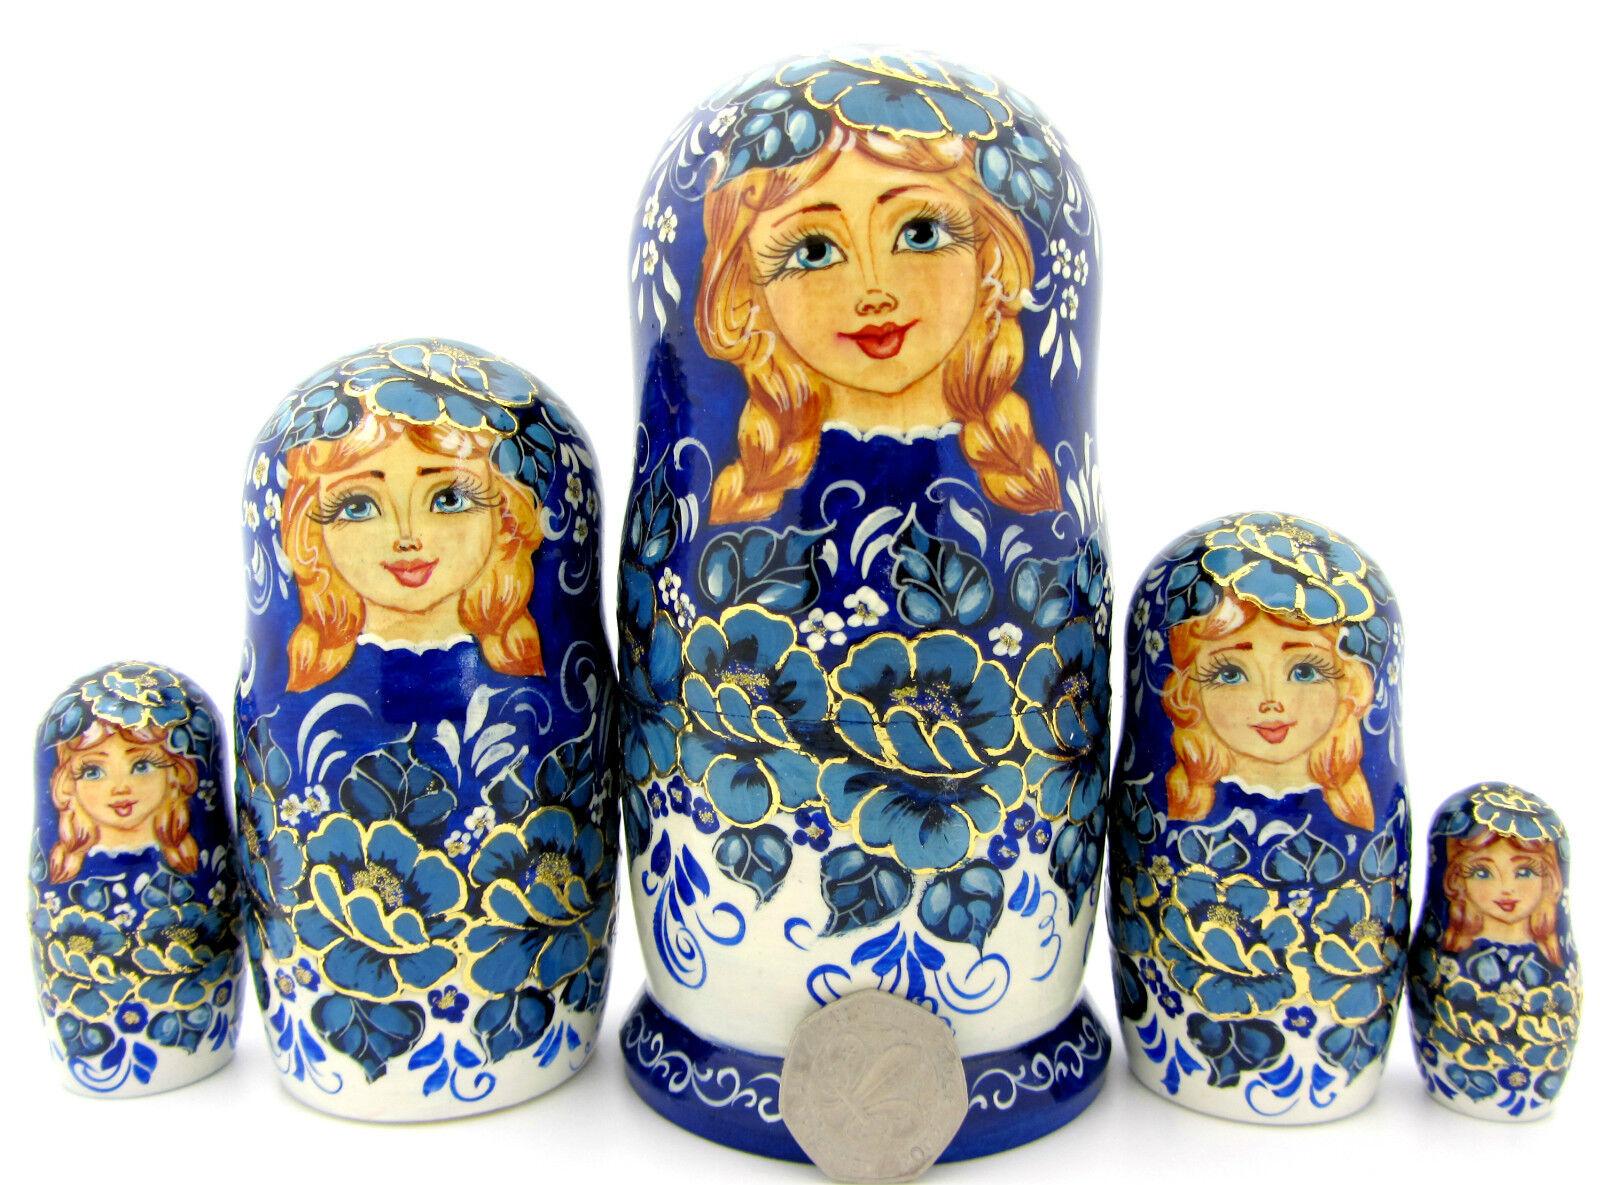 vieni a scegliere il tuo stile sportivo Nidificazione Bambole Russe Russe Russe Matriosca Baautobushka 5 Blu Bianco Fiore POTAPOVA  negozio fa acquisti e vendite